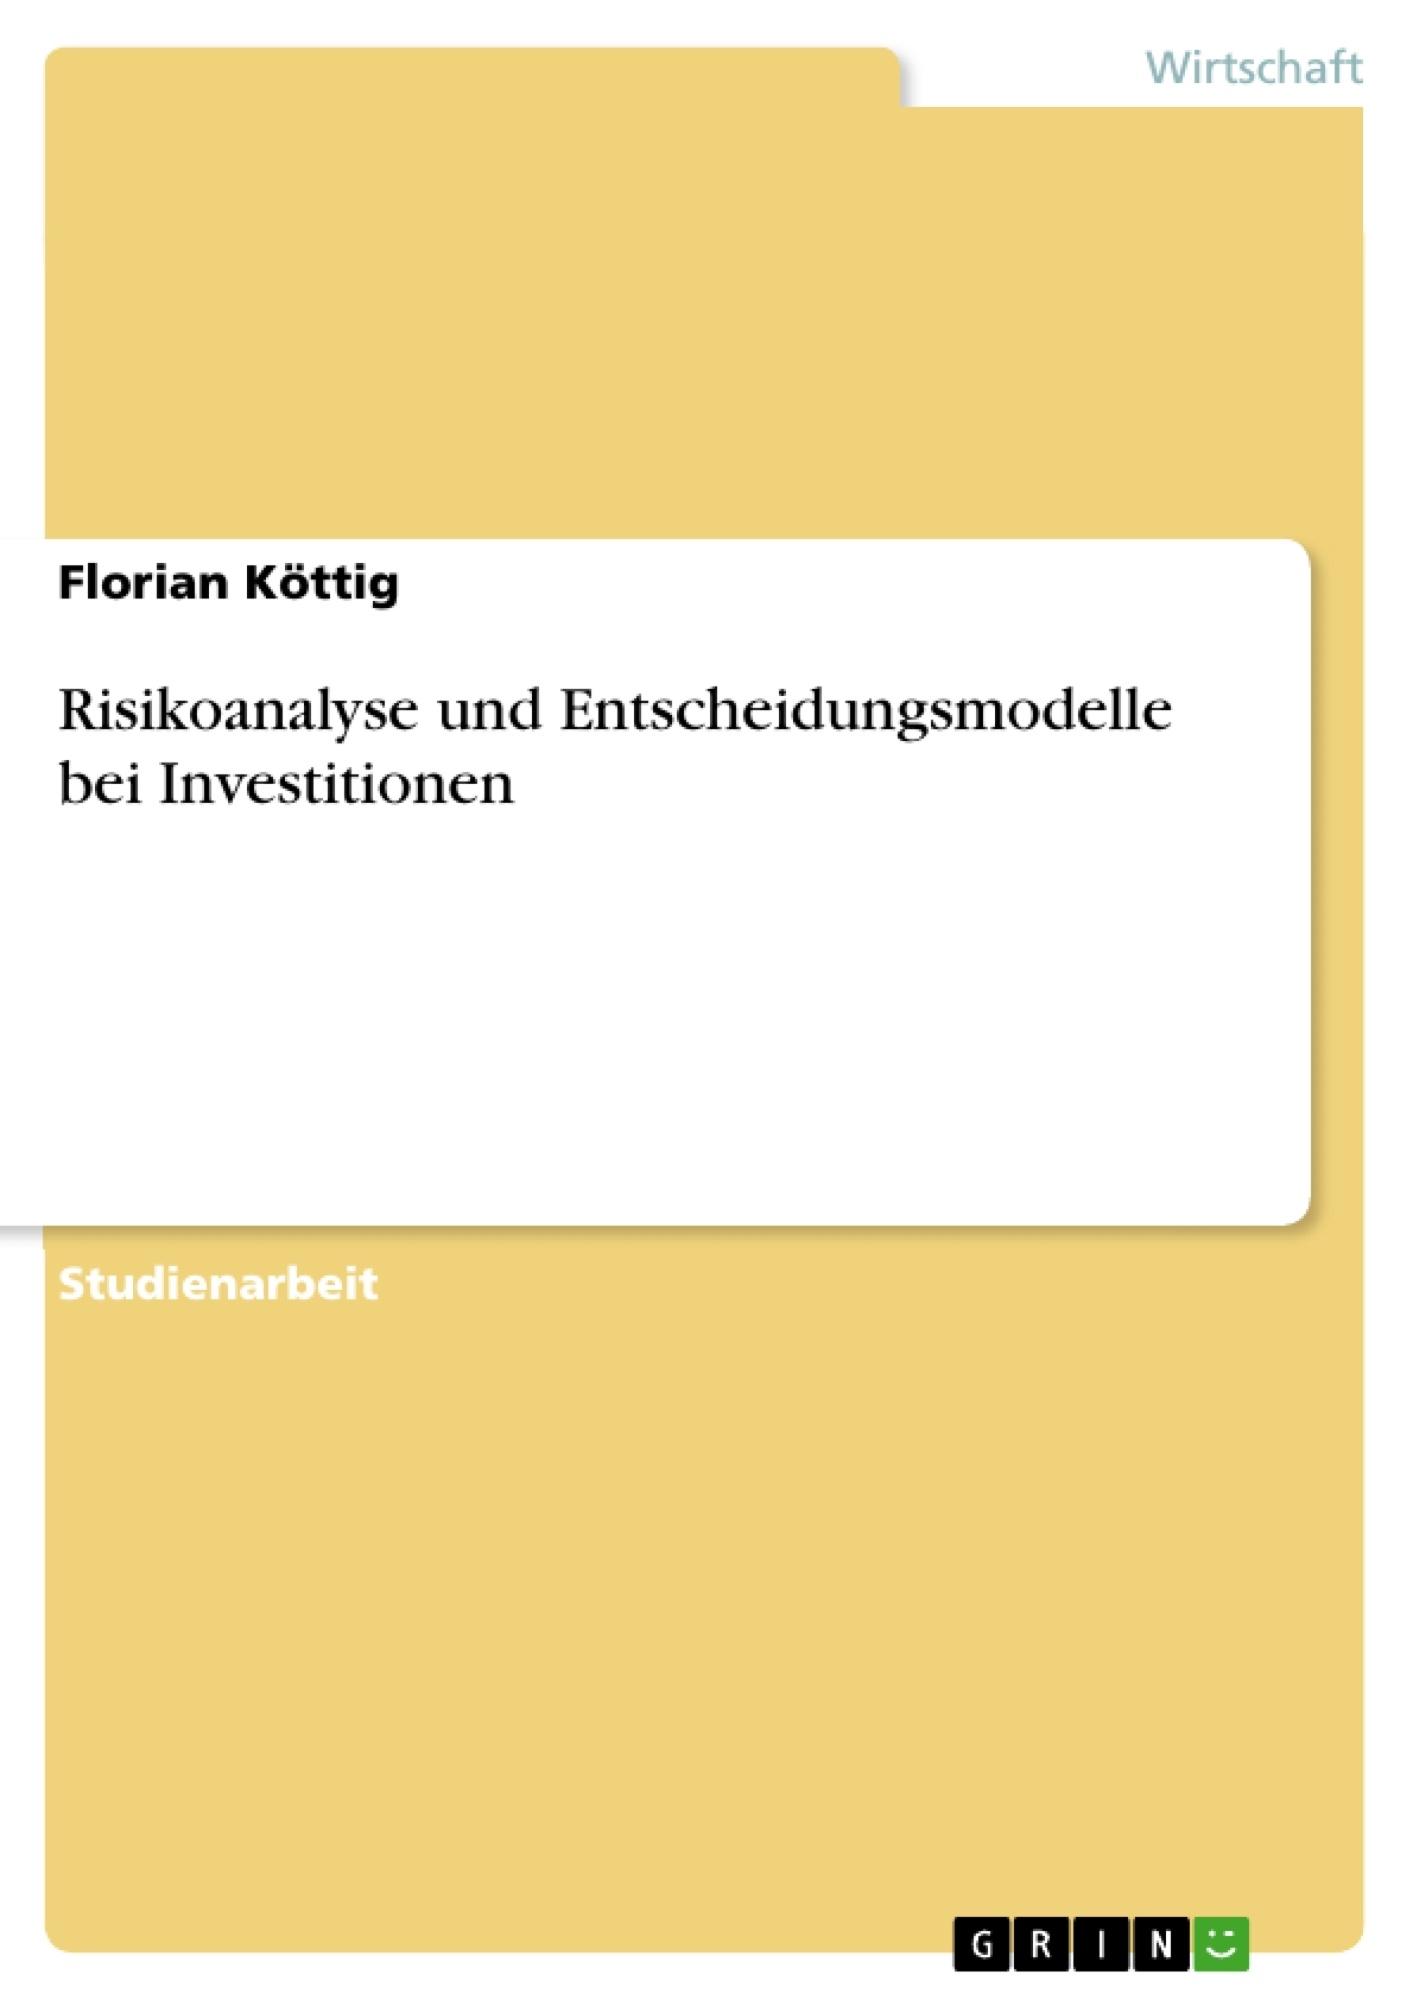 Titel: Risikoanalyse und Entscheidungsmodelle bei Investitionen